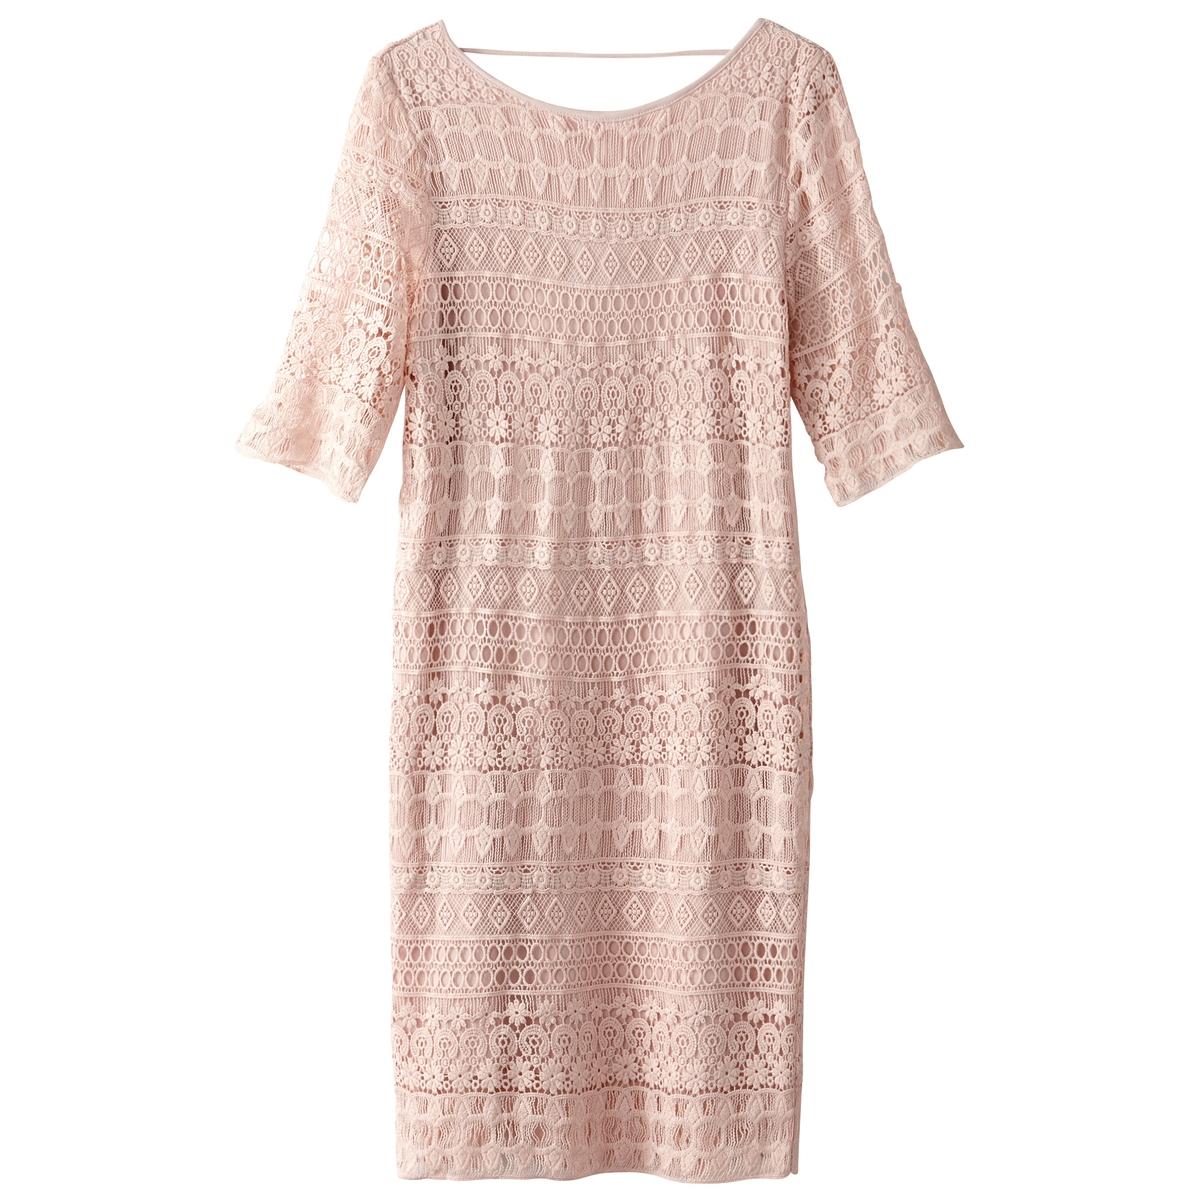 Платье однотонное прямого и короткого покроя с рукавами 3/4Описание:Детали •  Форма : прямая •  Укороченная модель •  Рукава 3/4    •  Круглый вырезСостав и уход •  100% полиэстер •  Следуйте советам по уходу, указанным на этикетке<br><br>Цвет: светло-розовый<br>Размер: M